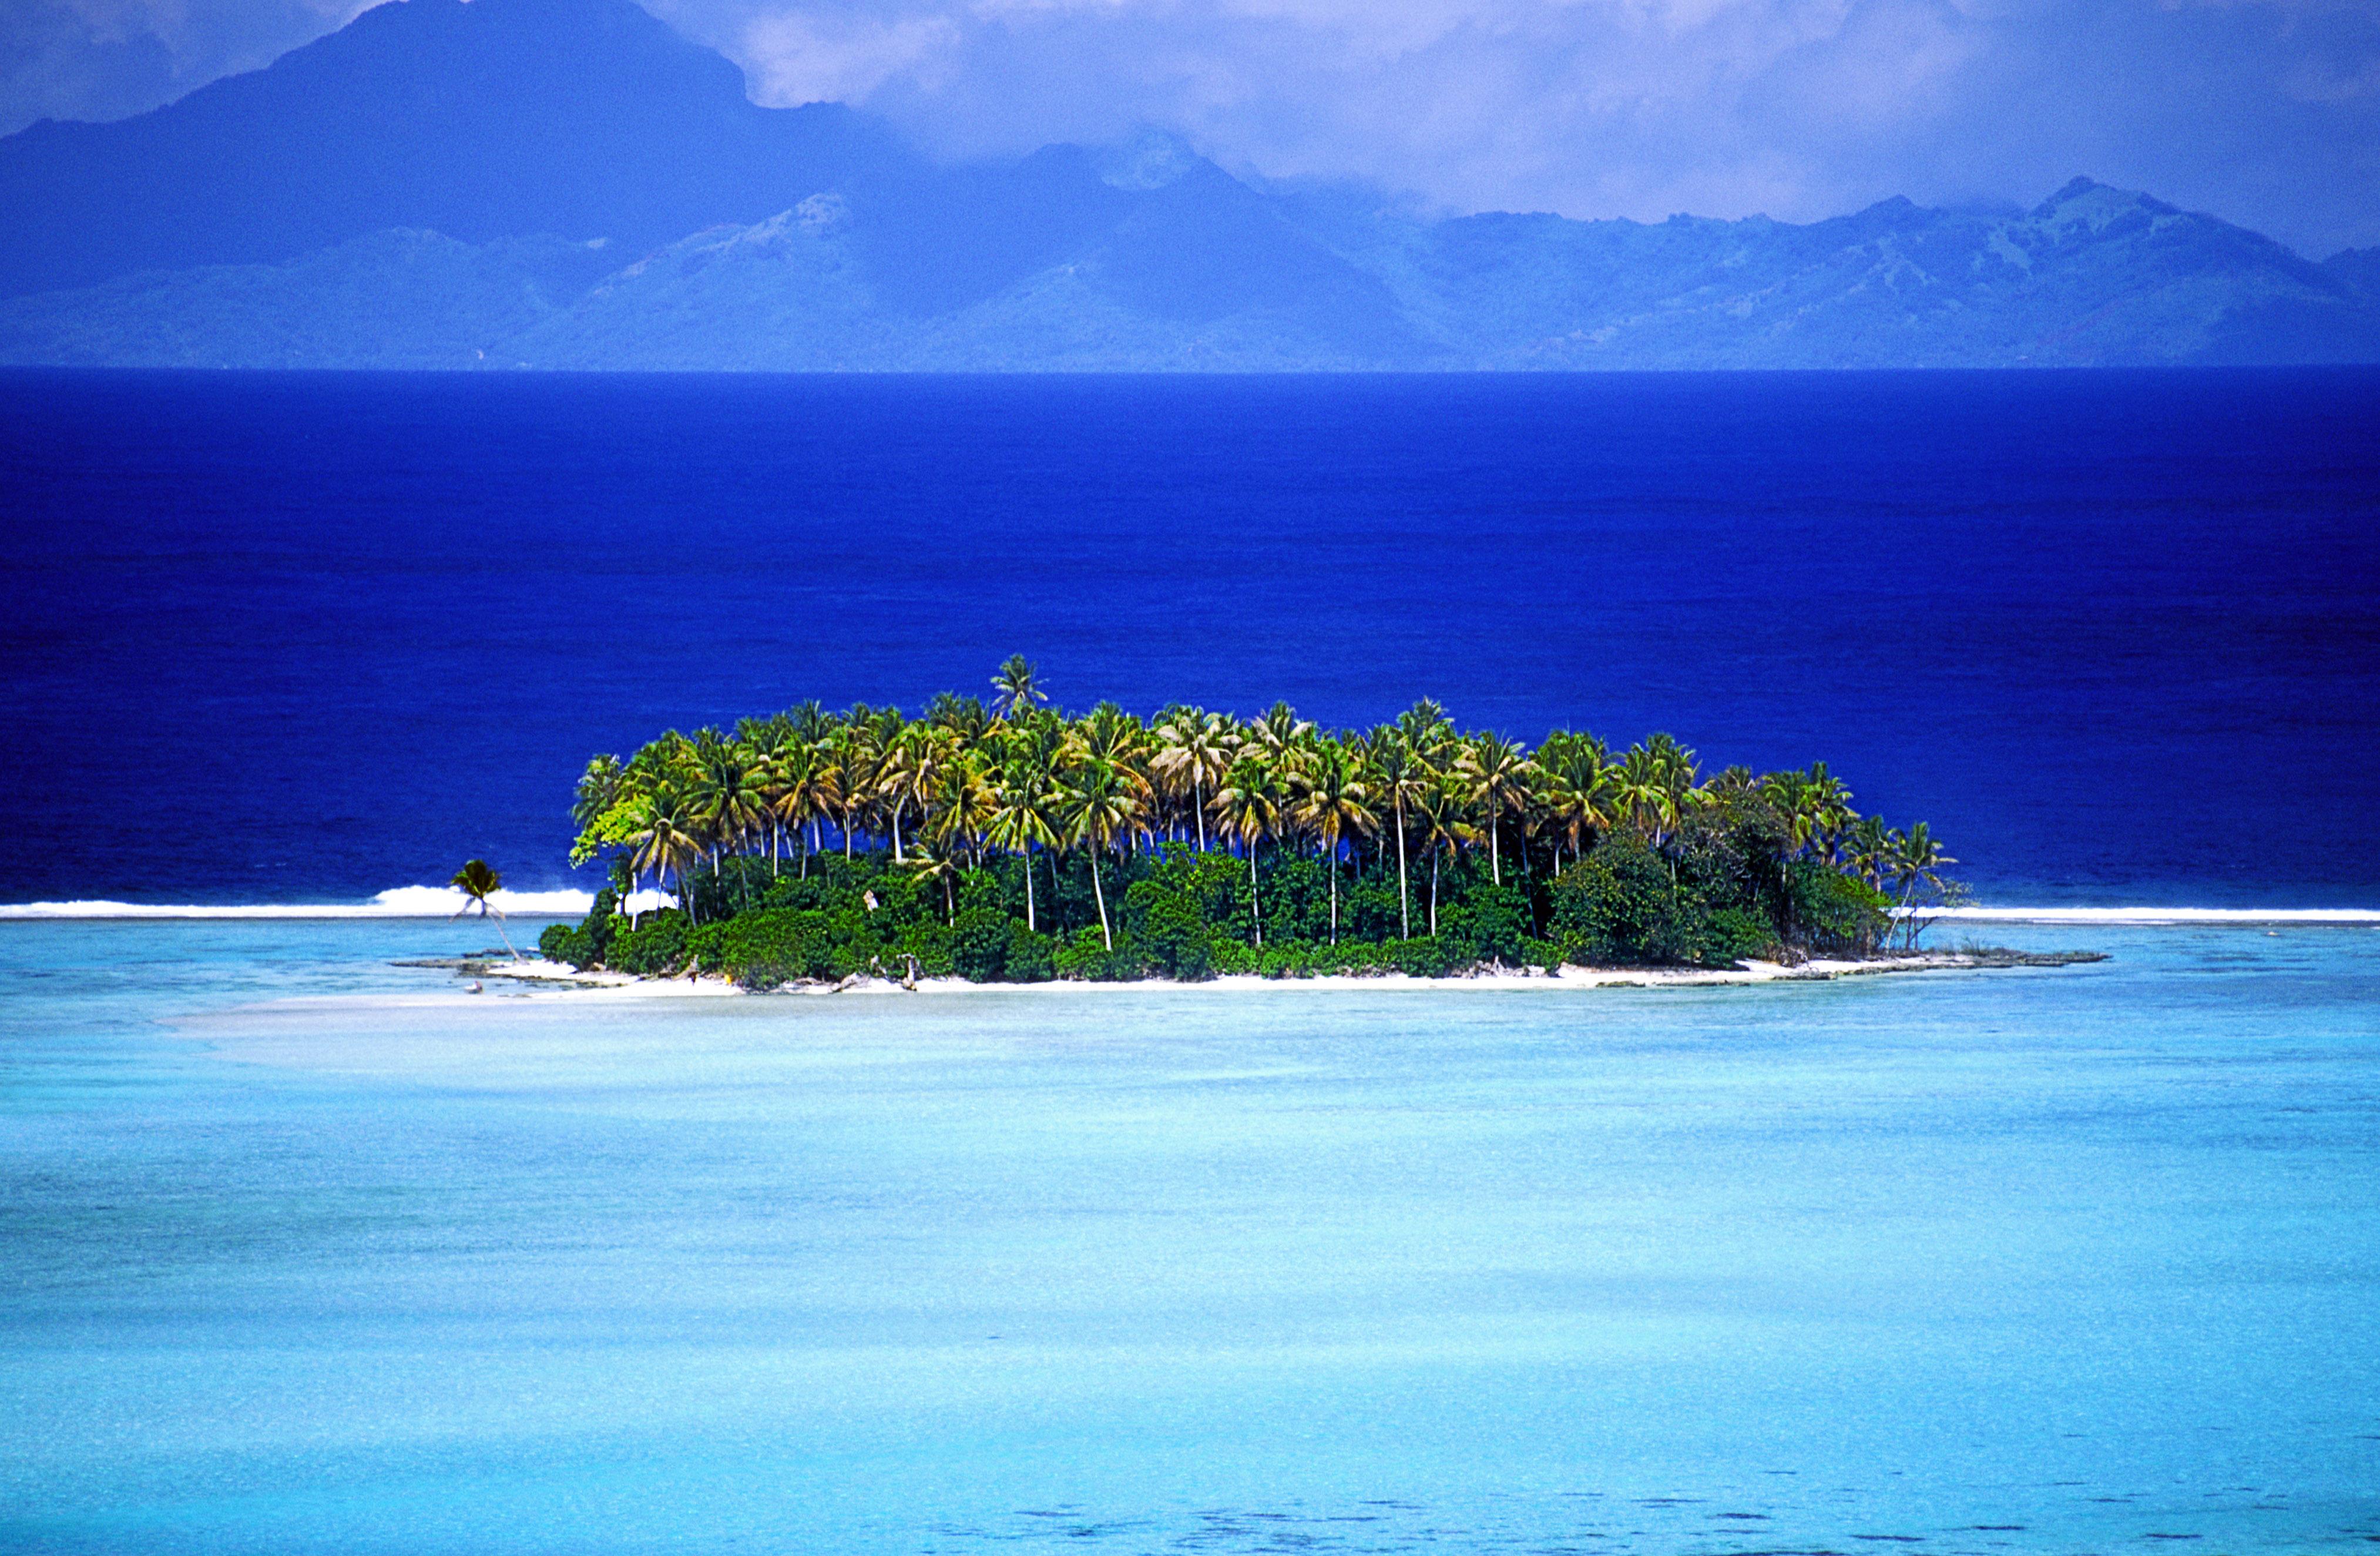 Raiatea Island French Polynesia TX4FO